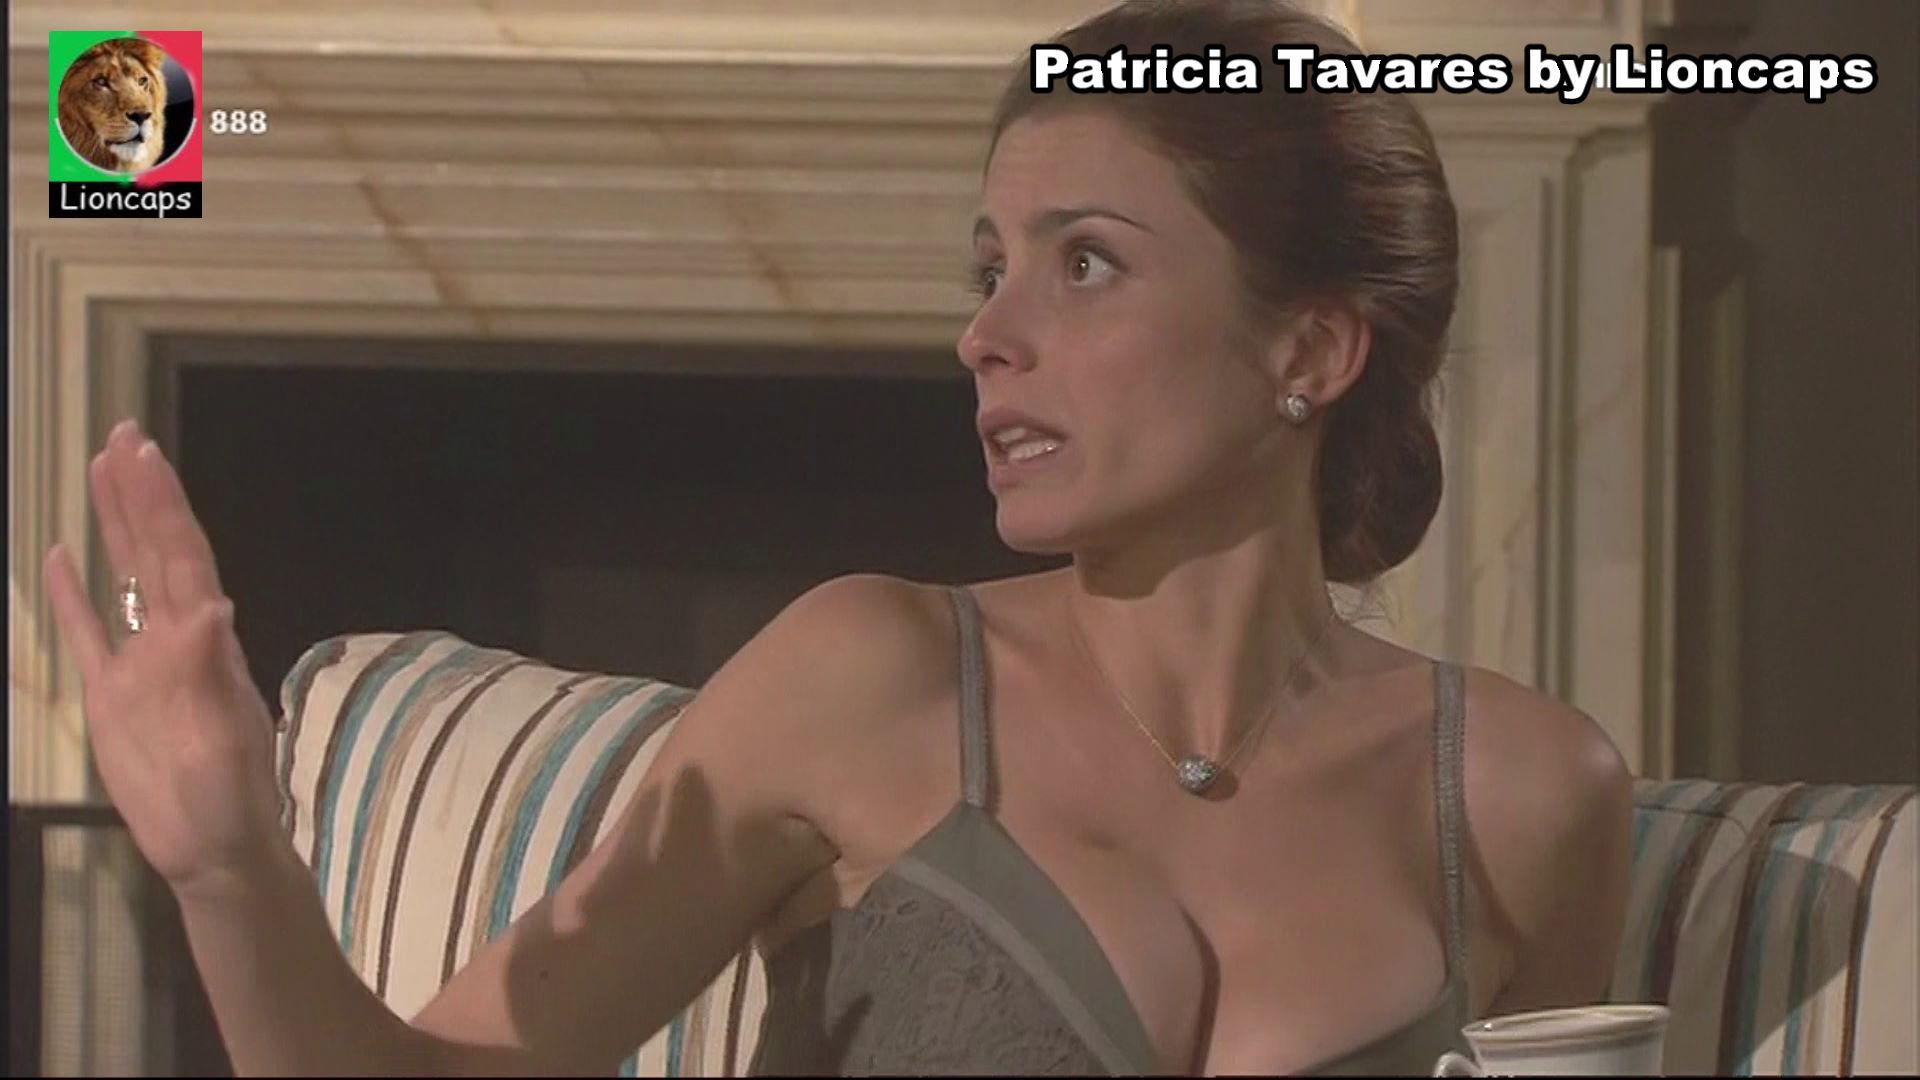 440228682_patricia_tavares_vs190324_14310_122_474lo.JPG